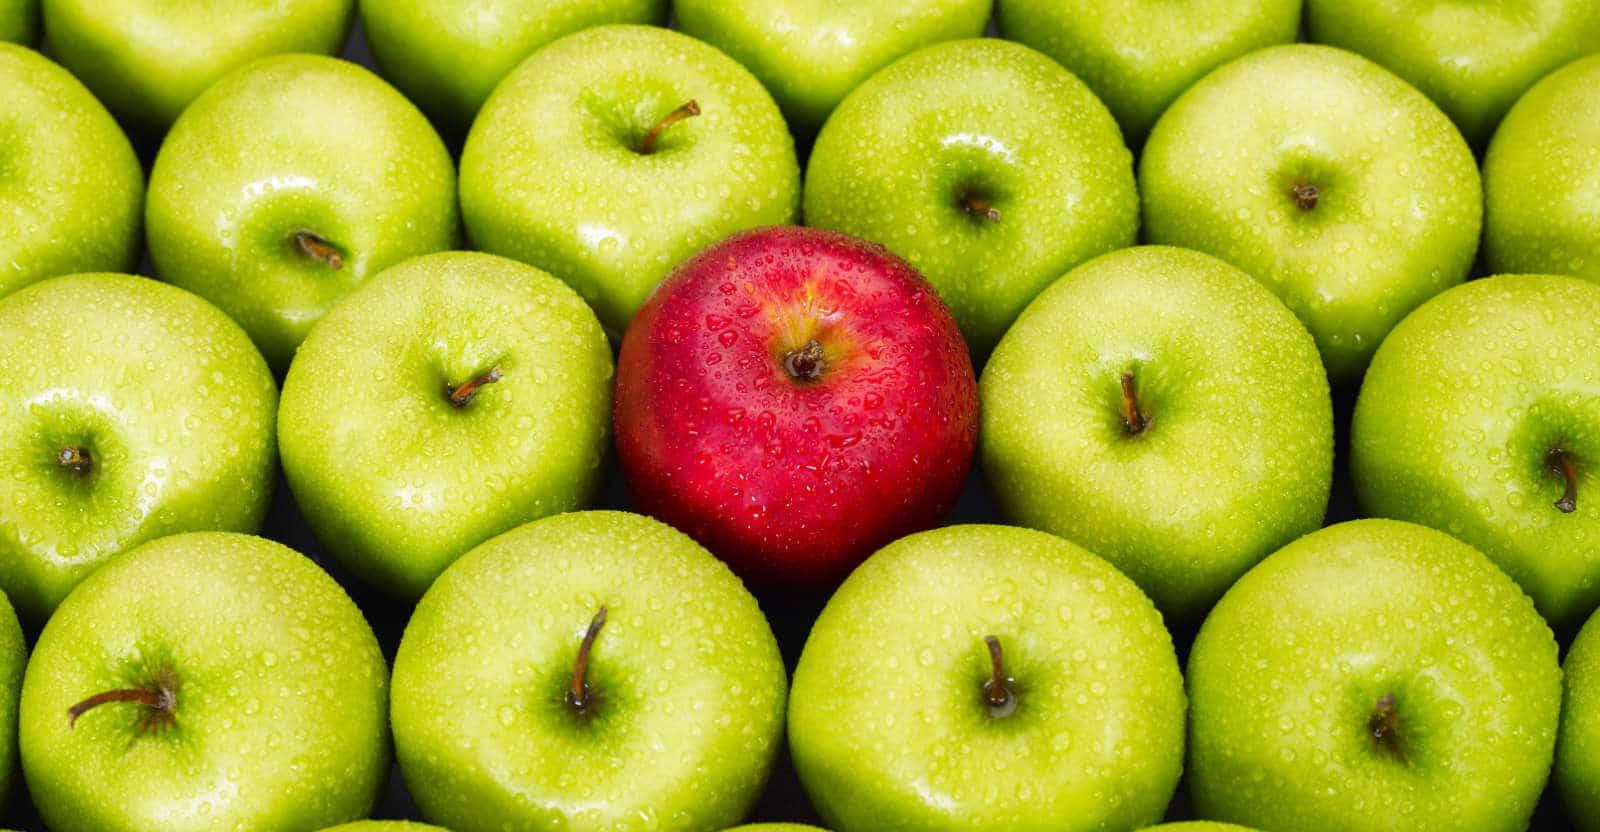 Top 5 Health Benefits of Apples - No Gluten